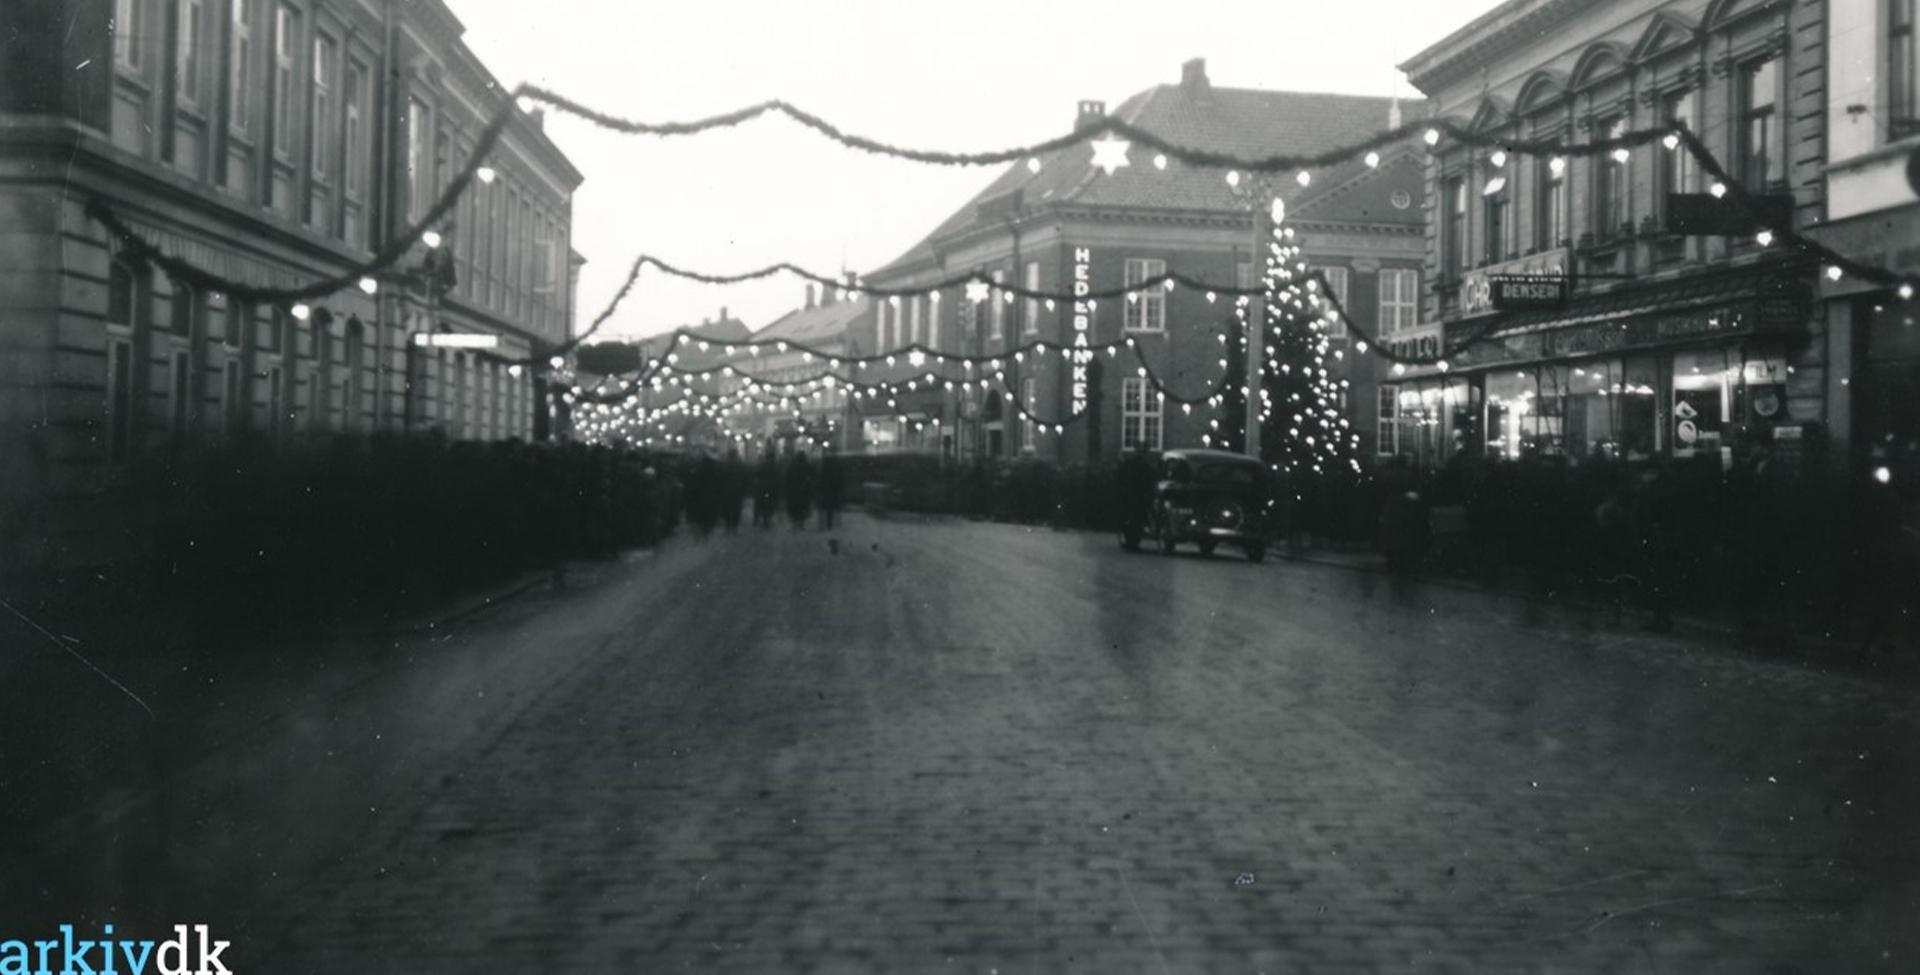 Julebelysning og juletræ på Torvet, årstal ukendt, arkiv.dk